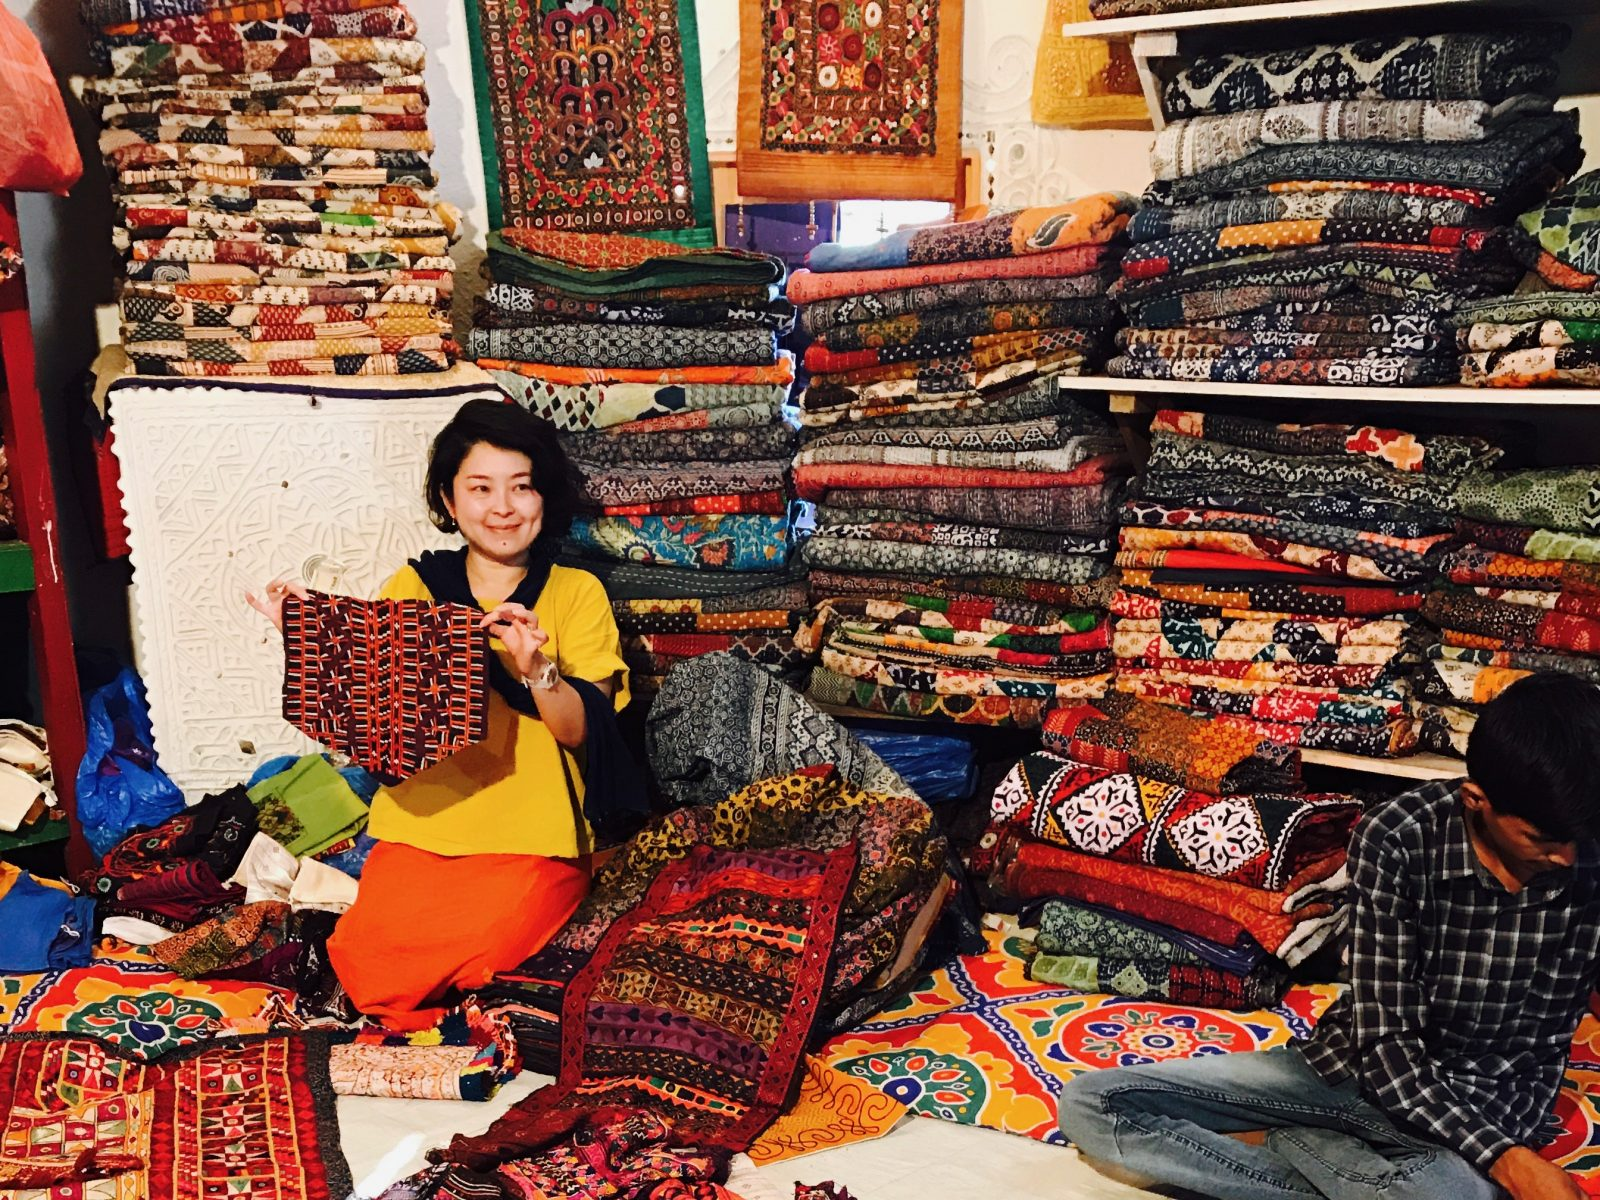 40歳からのおしゃれ論。布好きイラストレーターいいあいが手仕事の聖地インドへ赴いた